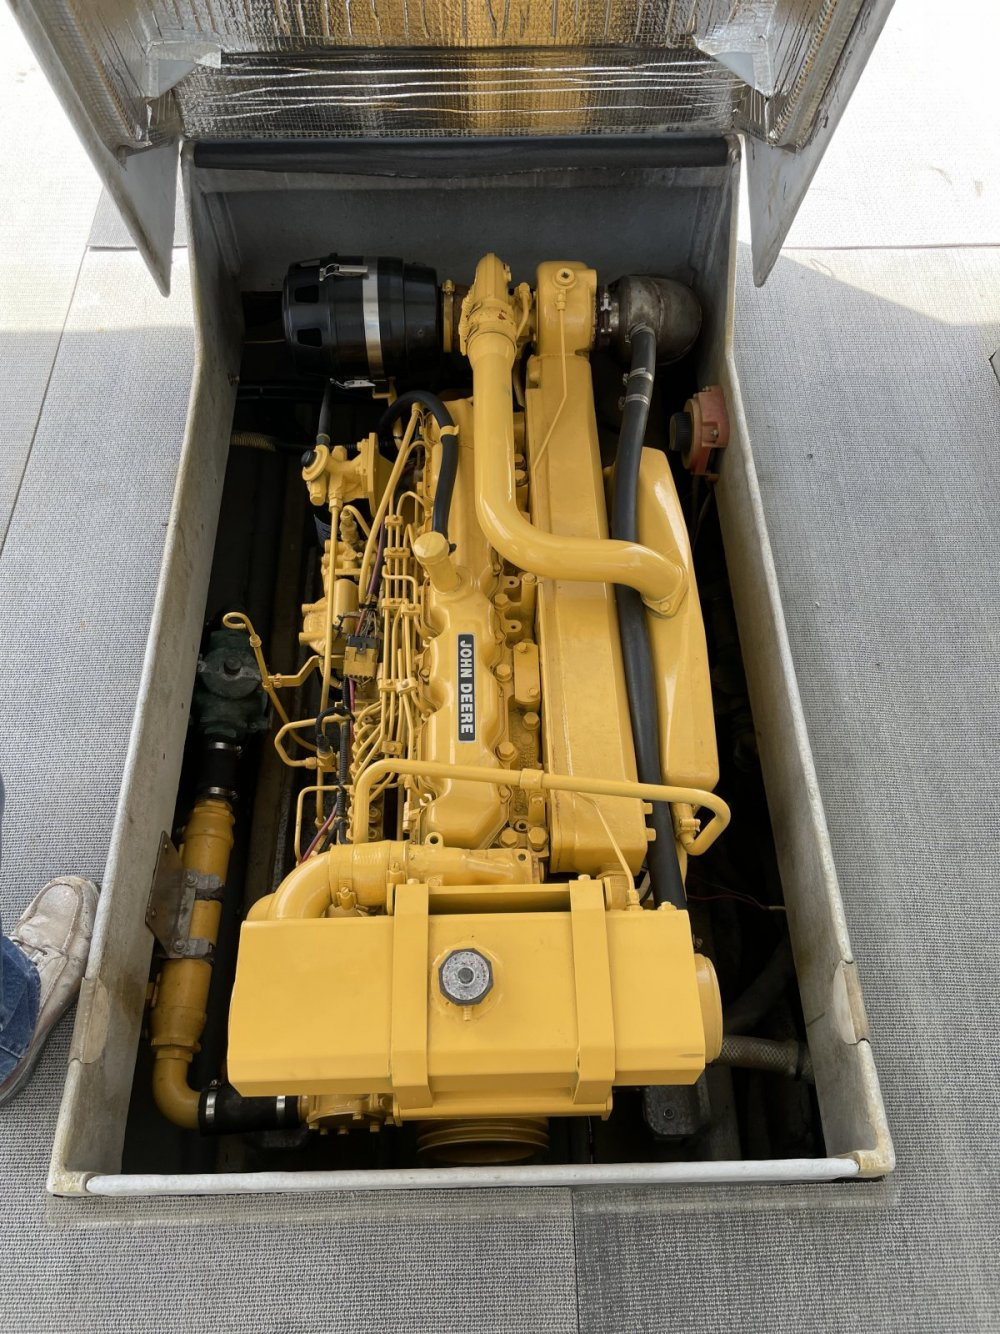 C4B05DC3-A6D9-458E-AD75-4074A3E60898.jpeg